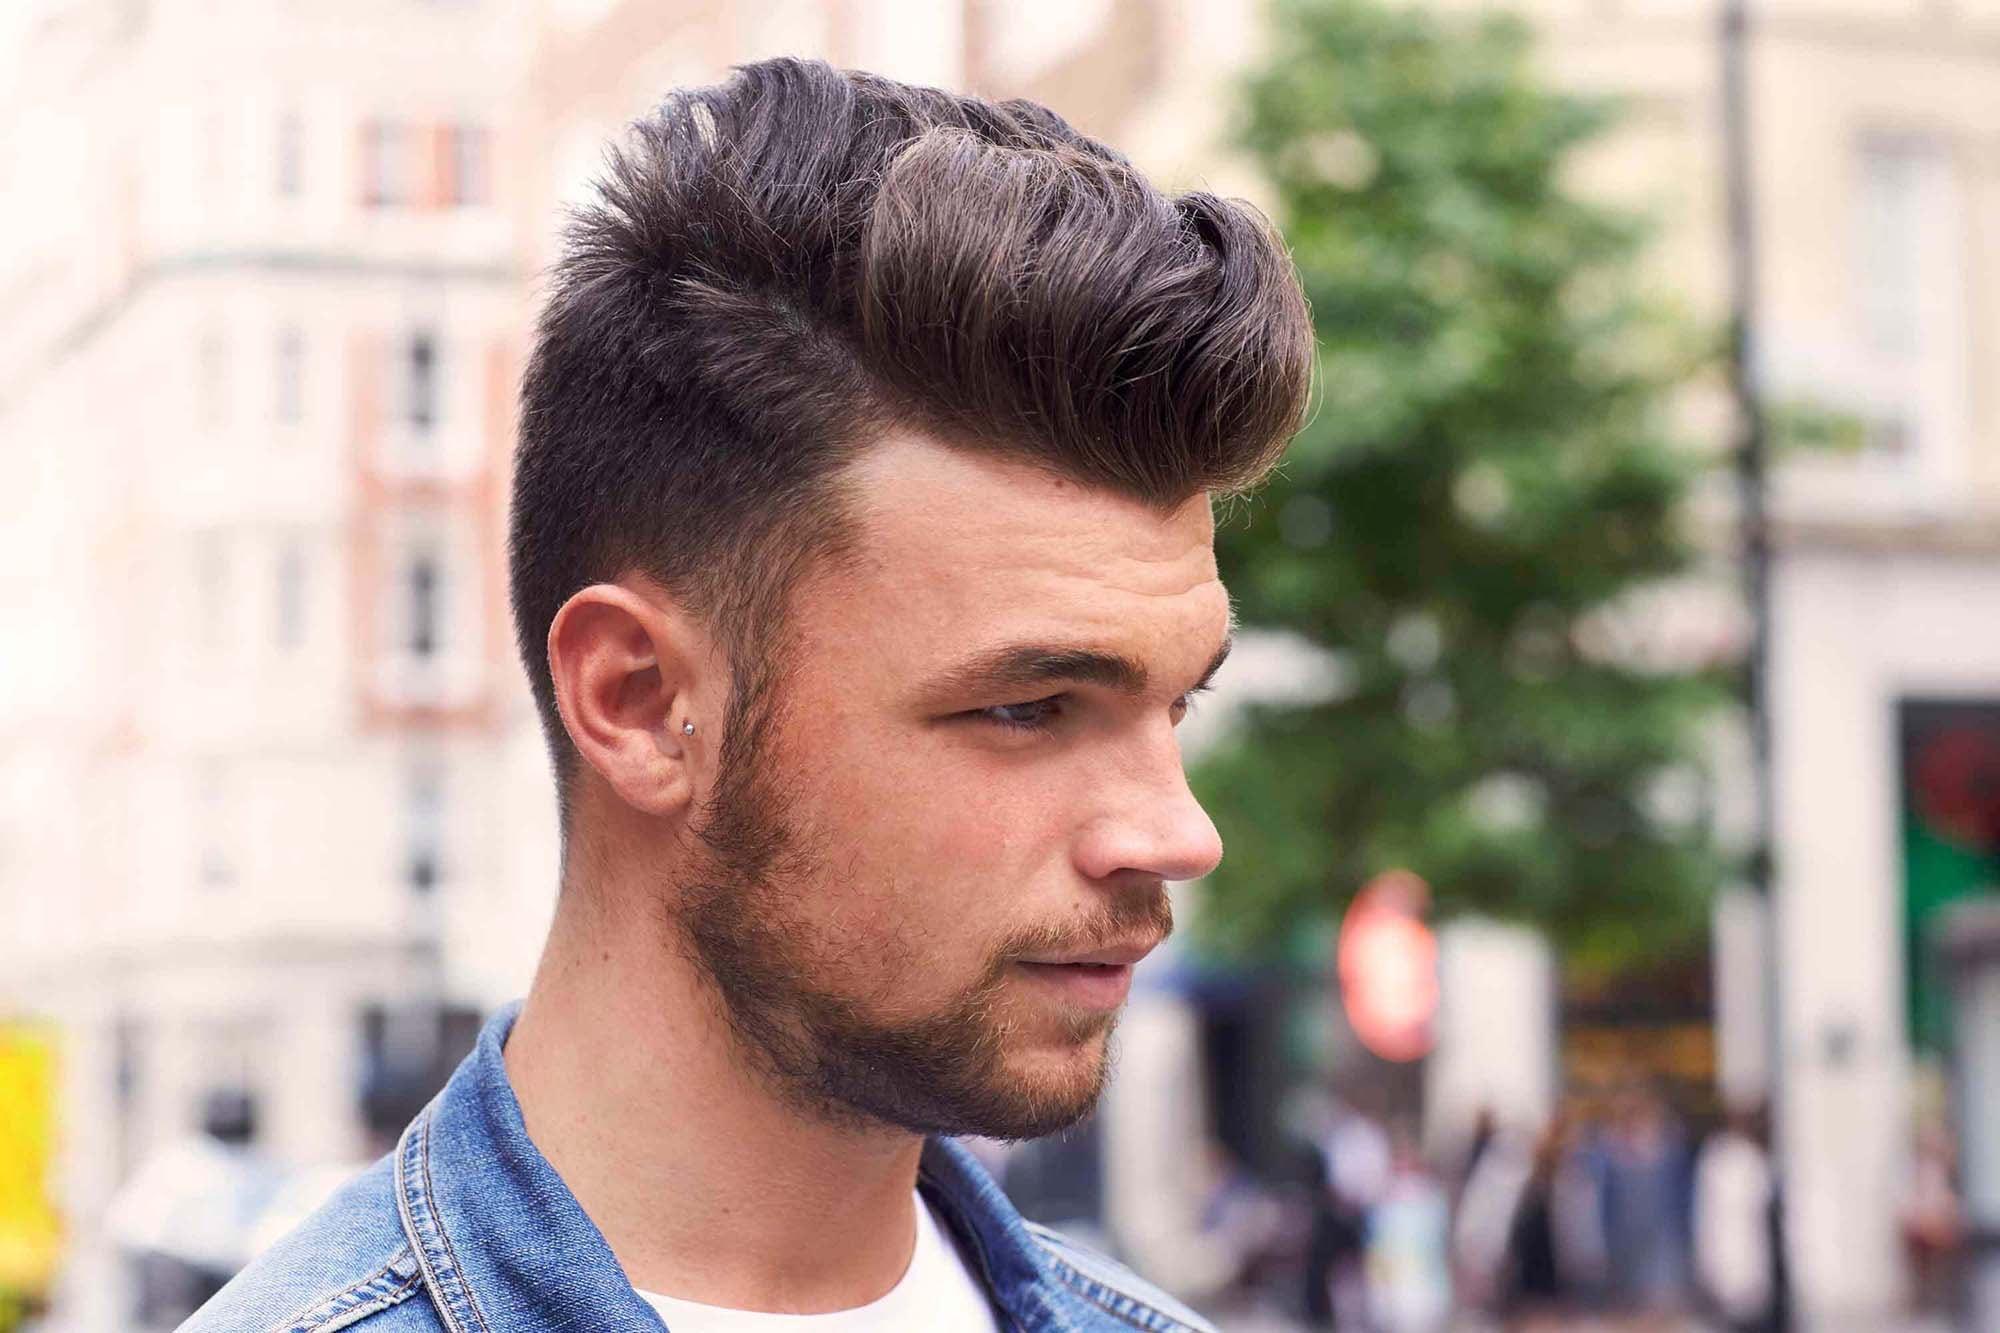 Peinados para hombres cl sicos que se impondr n en 2017 - Peinados para hombres ...